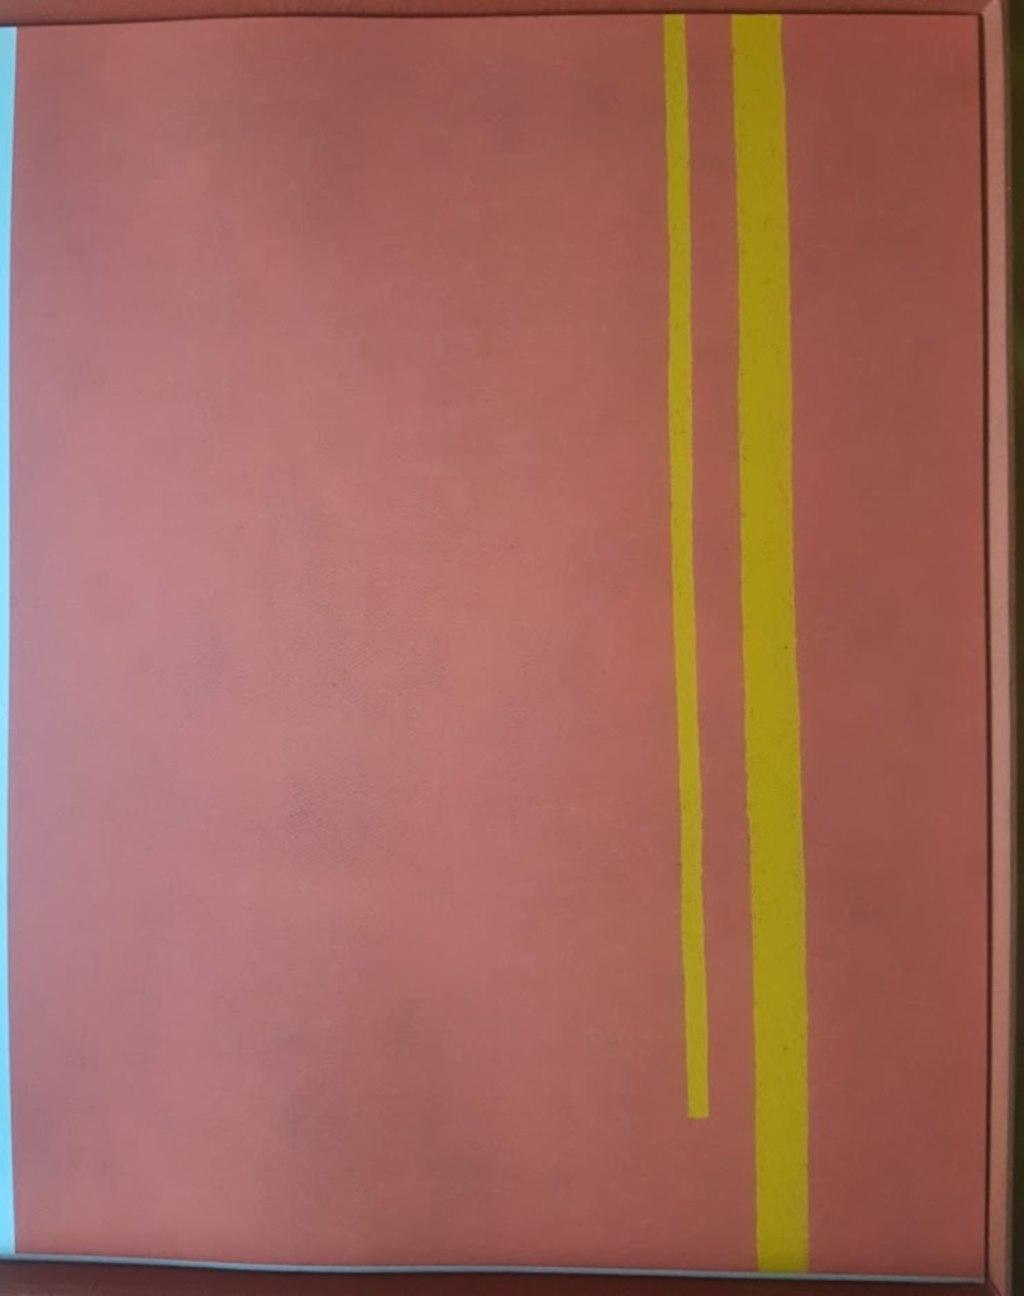 Infracromatici come frizione di luce. Serigrafia Opera prima 2 gallery